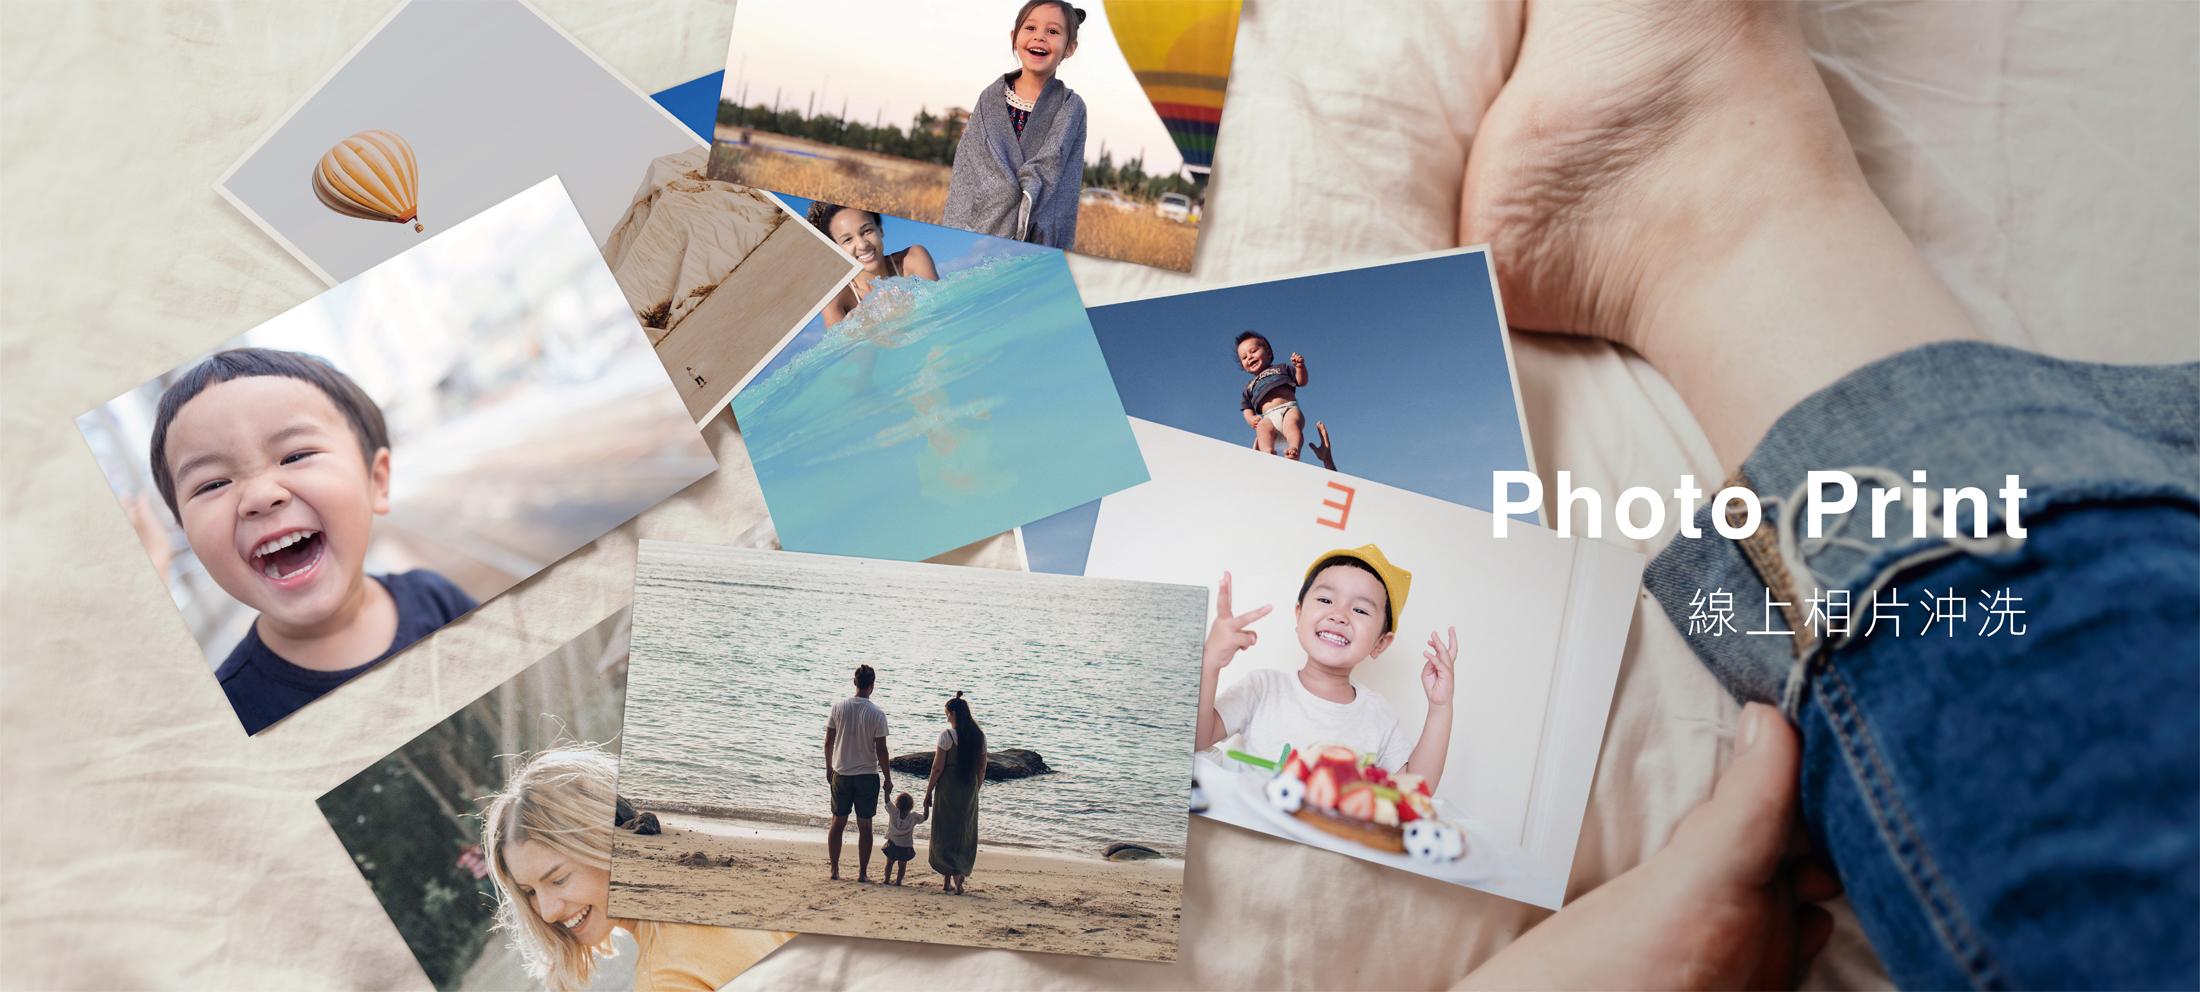 FUN ll, PhotoPrint, 線上相片沖洗,把拍下難忘時刻的相片沖印出來,一邊看著笑著哭著回憶著,一個人輕鬆舒適的坐在床上,照片在腳邊堆疊著